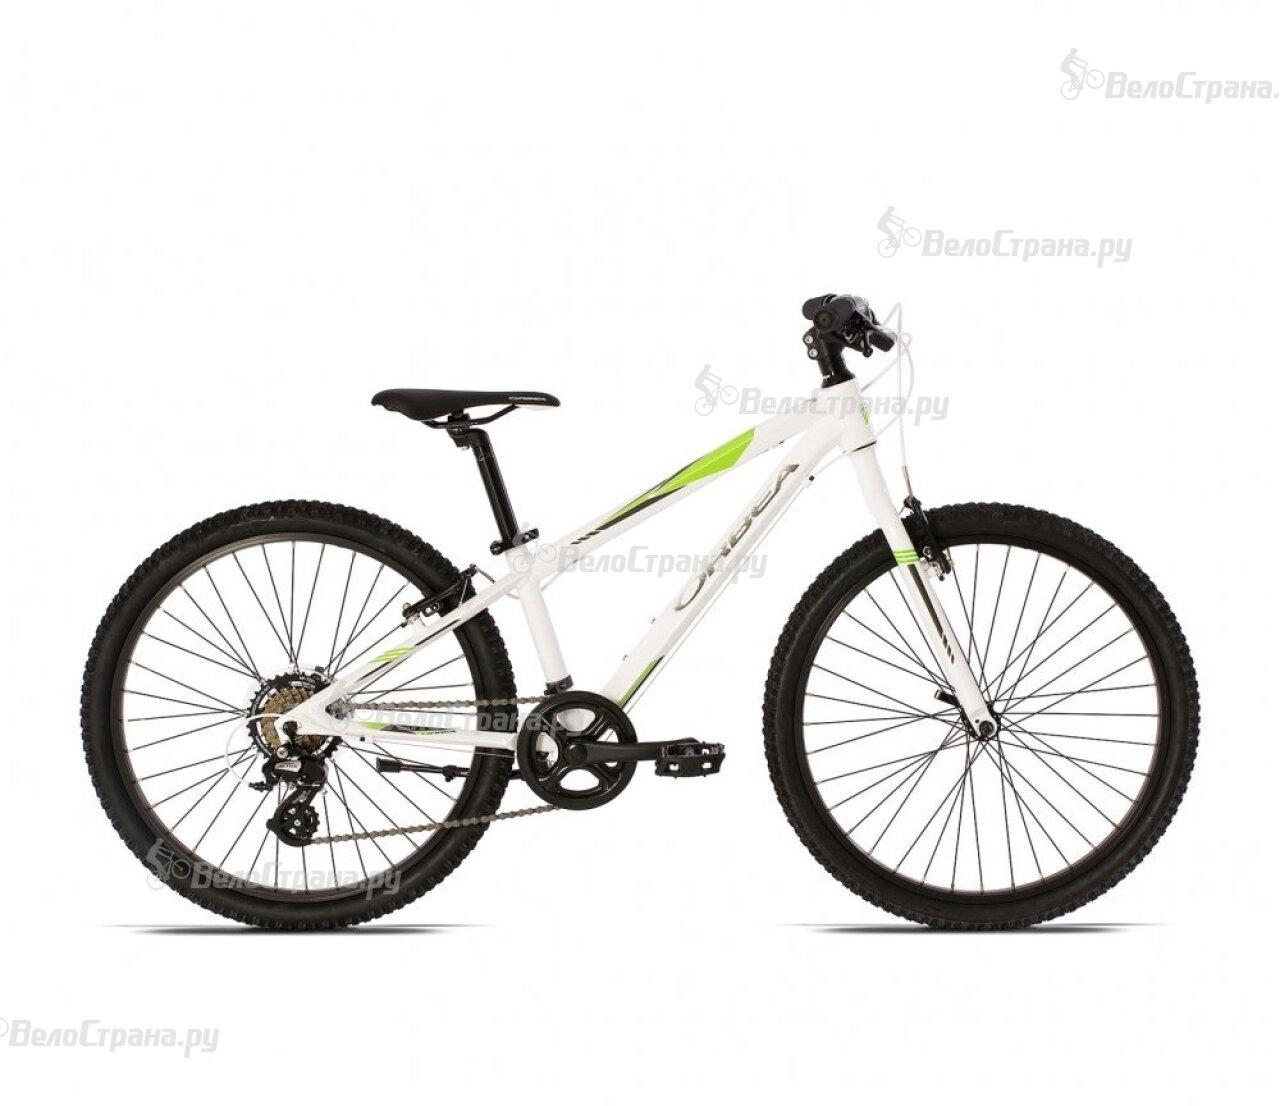 Велосипед Orbea Mx 24 Dirt (2014) велосипед orbea mx 24 xc 2014